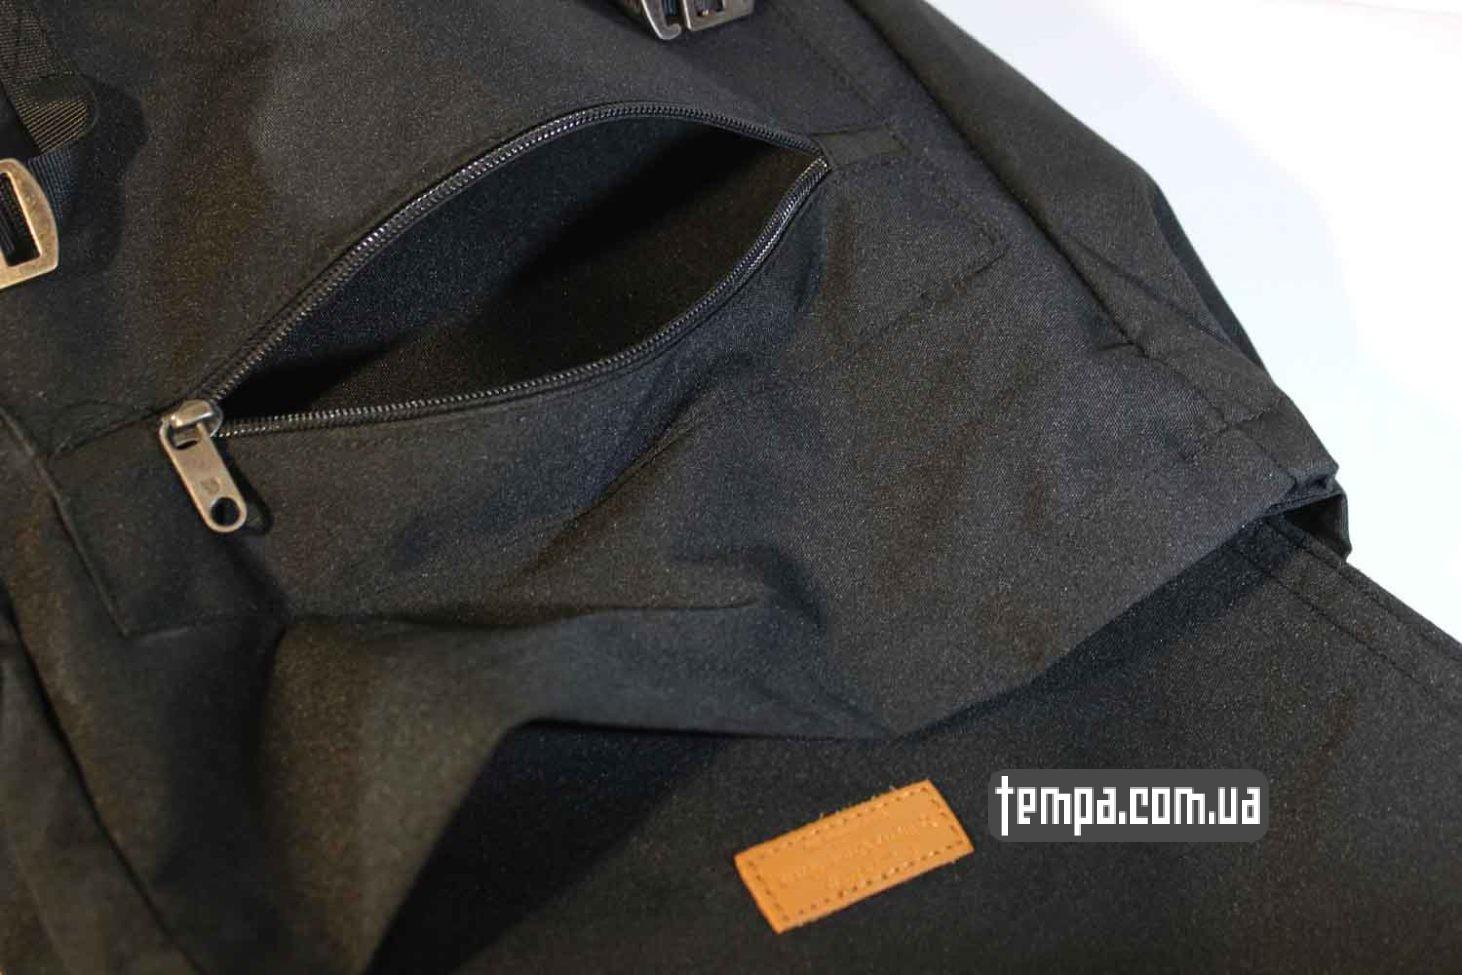 оригинал купить украина рюкзак сумка Fjallraven Foldsack No.1 Backpack черный